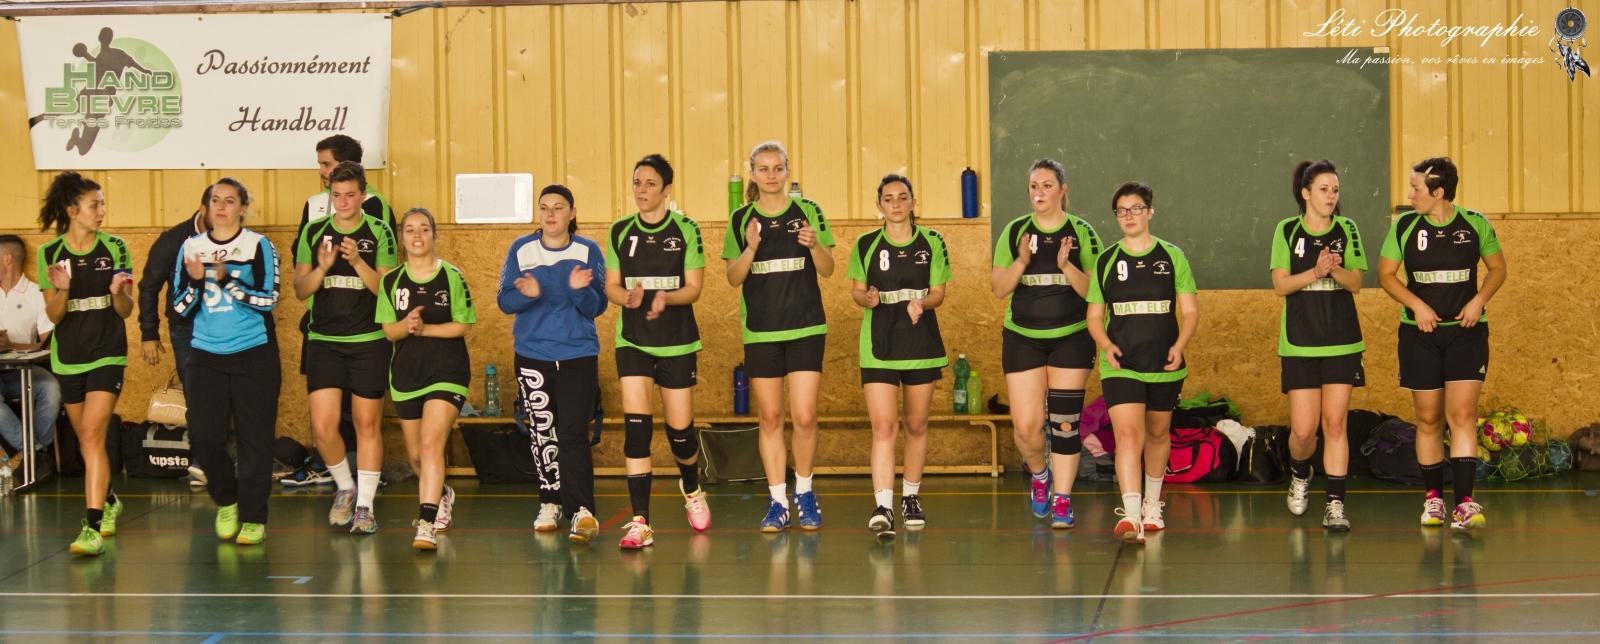 SF : Elles s'offrent les leaders.. - Hand Bievre Terres Froides - Club de Handball en Isère